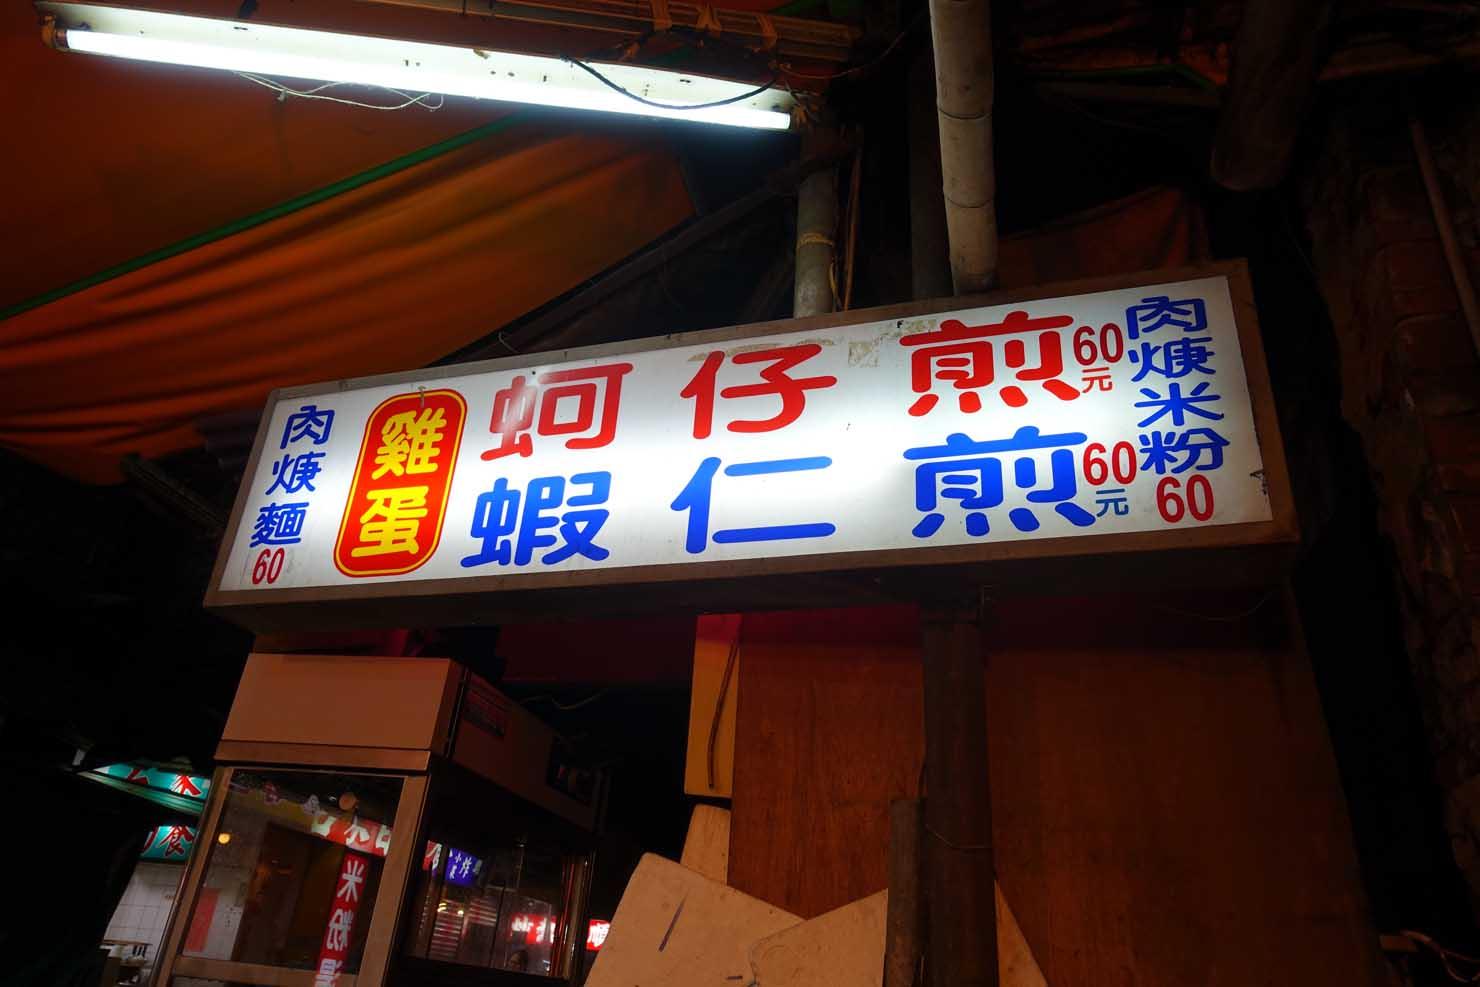 台北・臨江街夜市(通化夜市)のおすすめグルメ屋台「阿吉雞蛋蚵仔煎」のメニュー